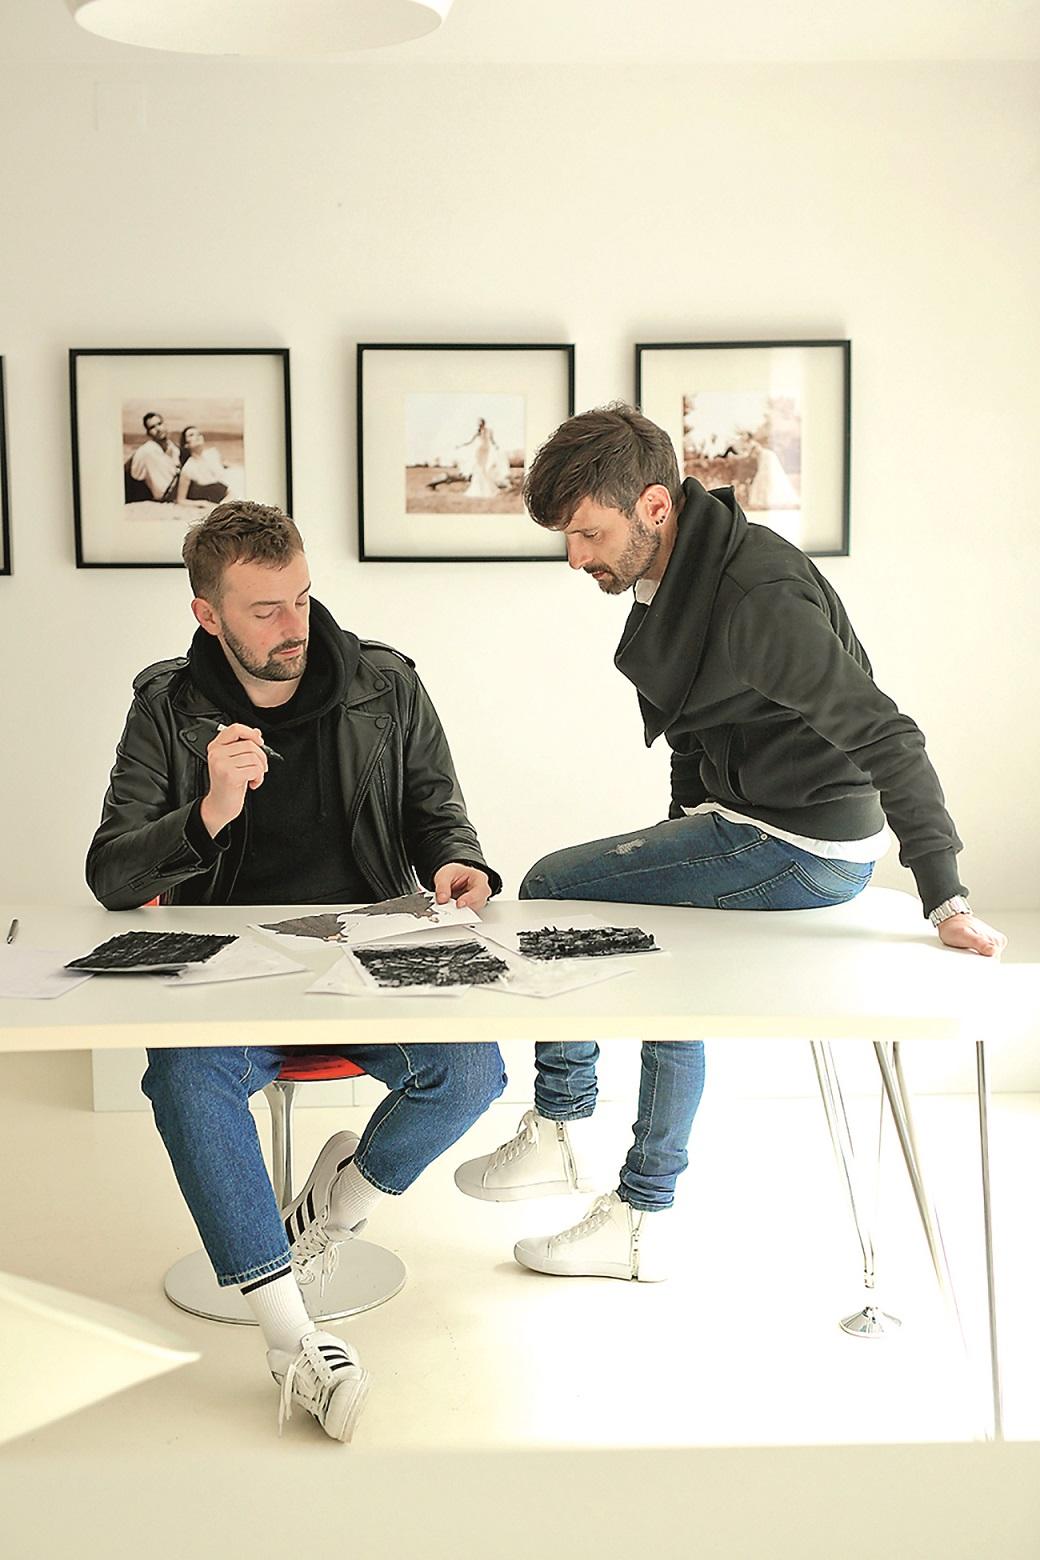 Envy room dizajneri Nikica Ivancevic i Vjeko Franetovic Showroom, Zagreb Fotograf Matej Dokic 300419